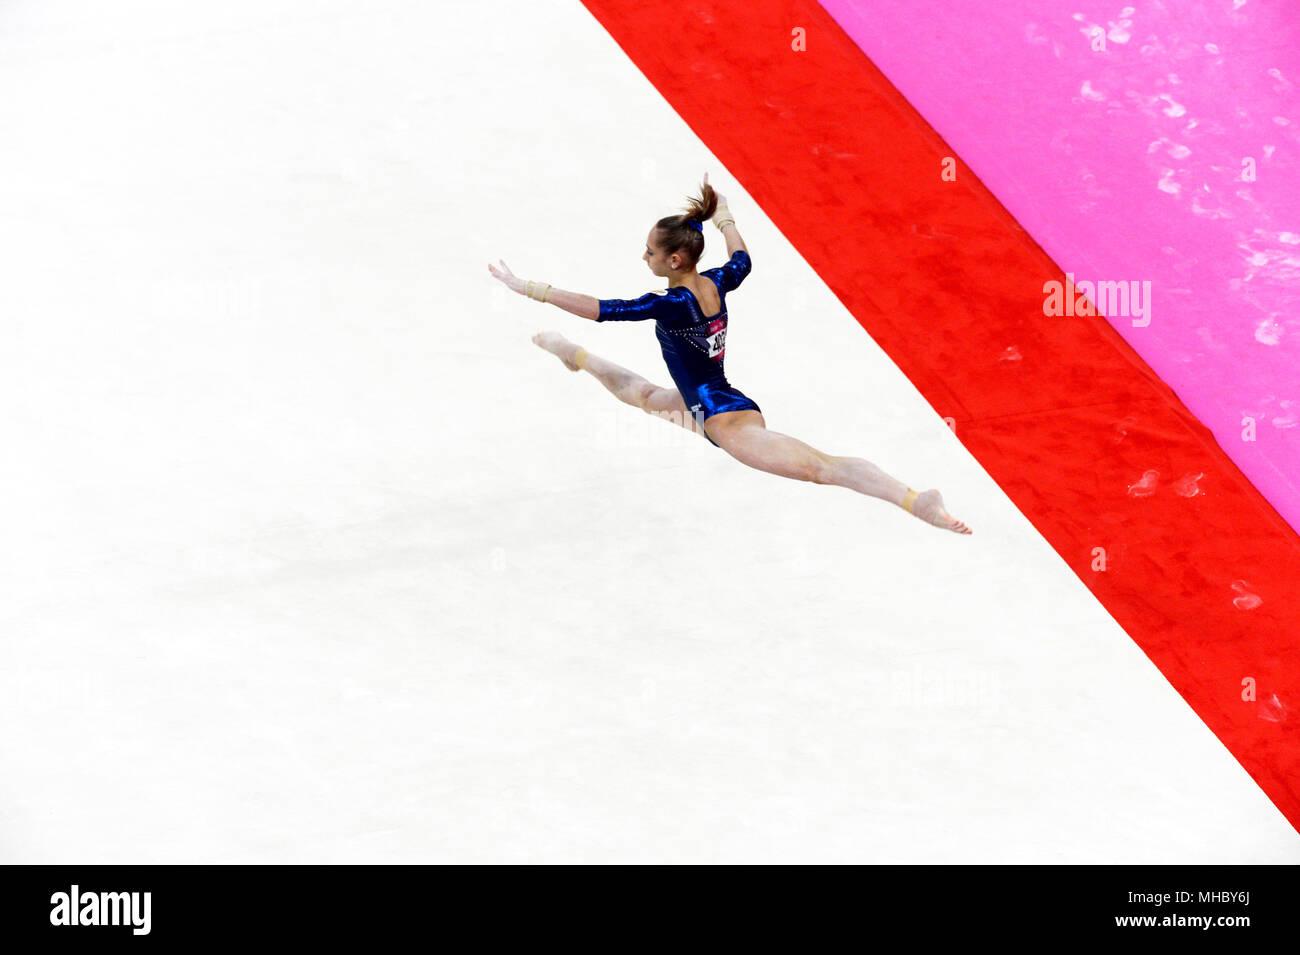 Victoria Komova de Rusia realiza su ejercicio de suelo durante la mujer gimnasia todo alrededor de la competencia, en el cual ella ganó la medalla de plata. Imagen De Stock